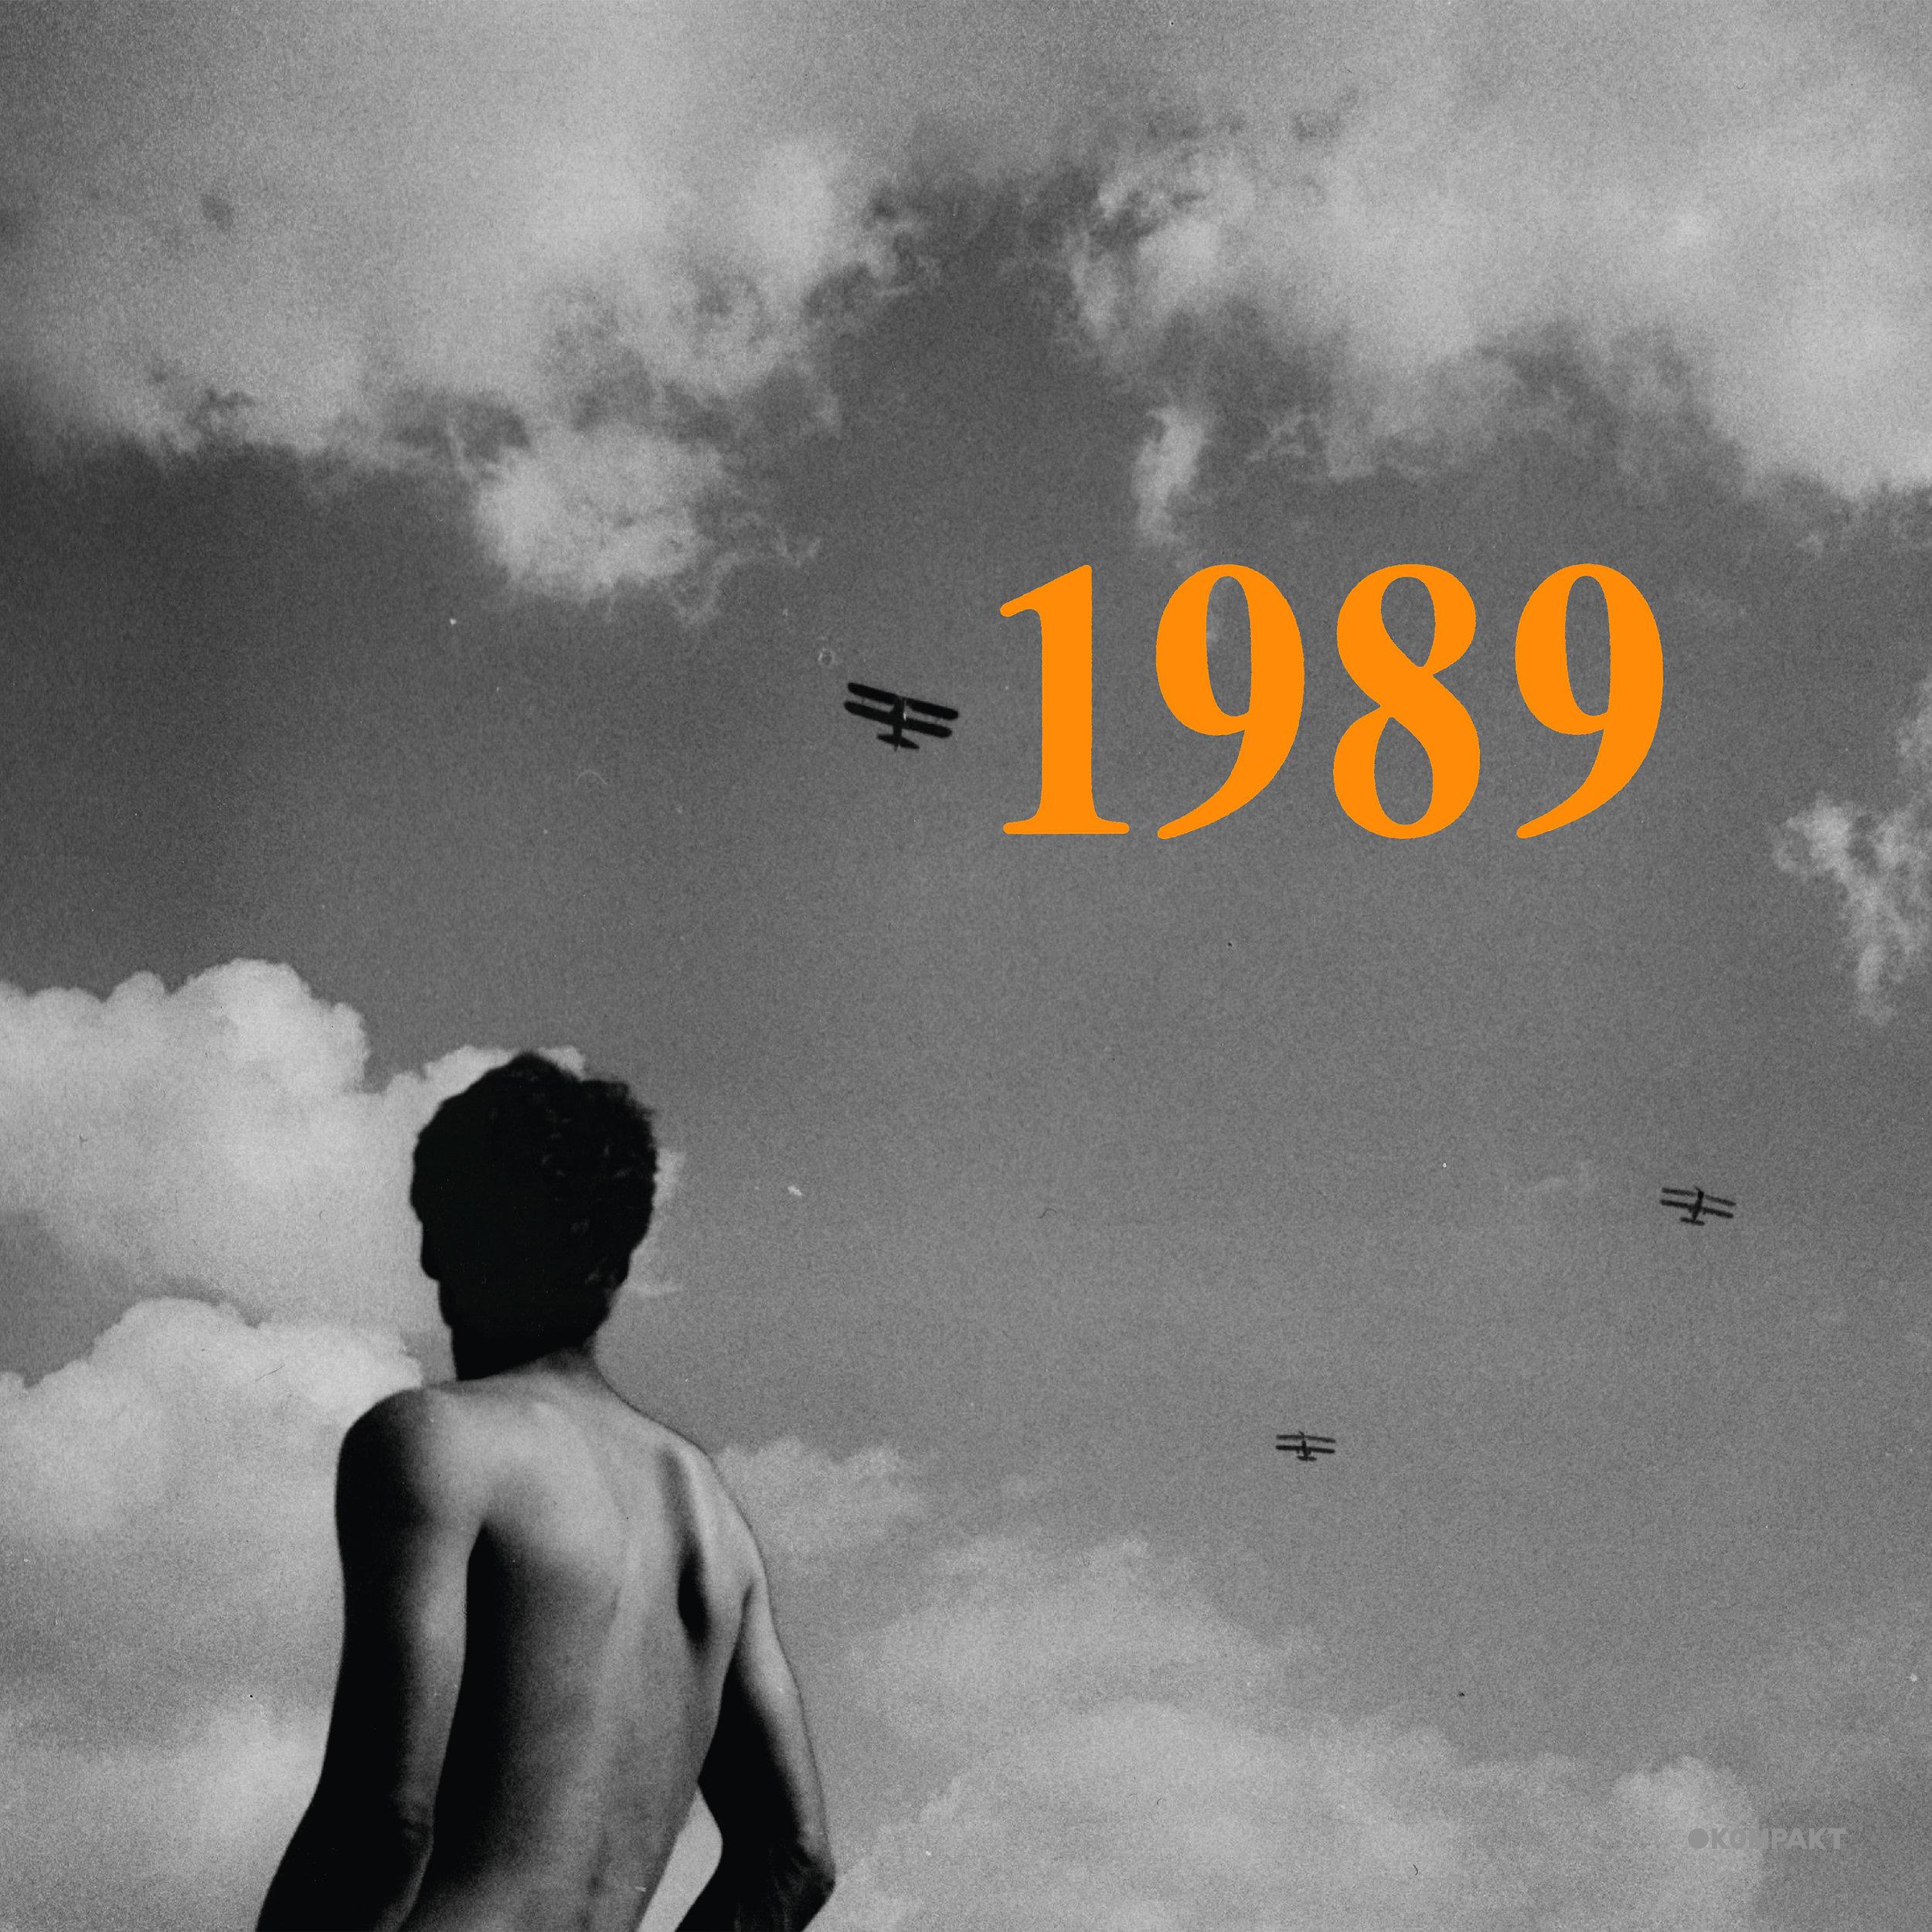 KÖLSCH 1989 - KOMPAKT, EL SELLO DE KÖLSCH,HA CONFIRMADO EL LANZAMIENTO DE 1989 PARA EL PRÓXIMO 22 DE SEPTIEMBRE DE 2017. TRAS 1977 Y 1983, EL ARTISTA DANÉS CIERRA EL CÍRCULO CON OTRA RONDA DE TEMAZOS Y RECUERDOS